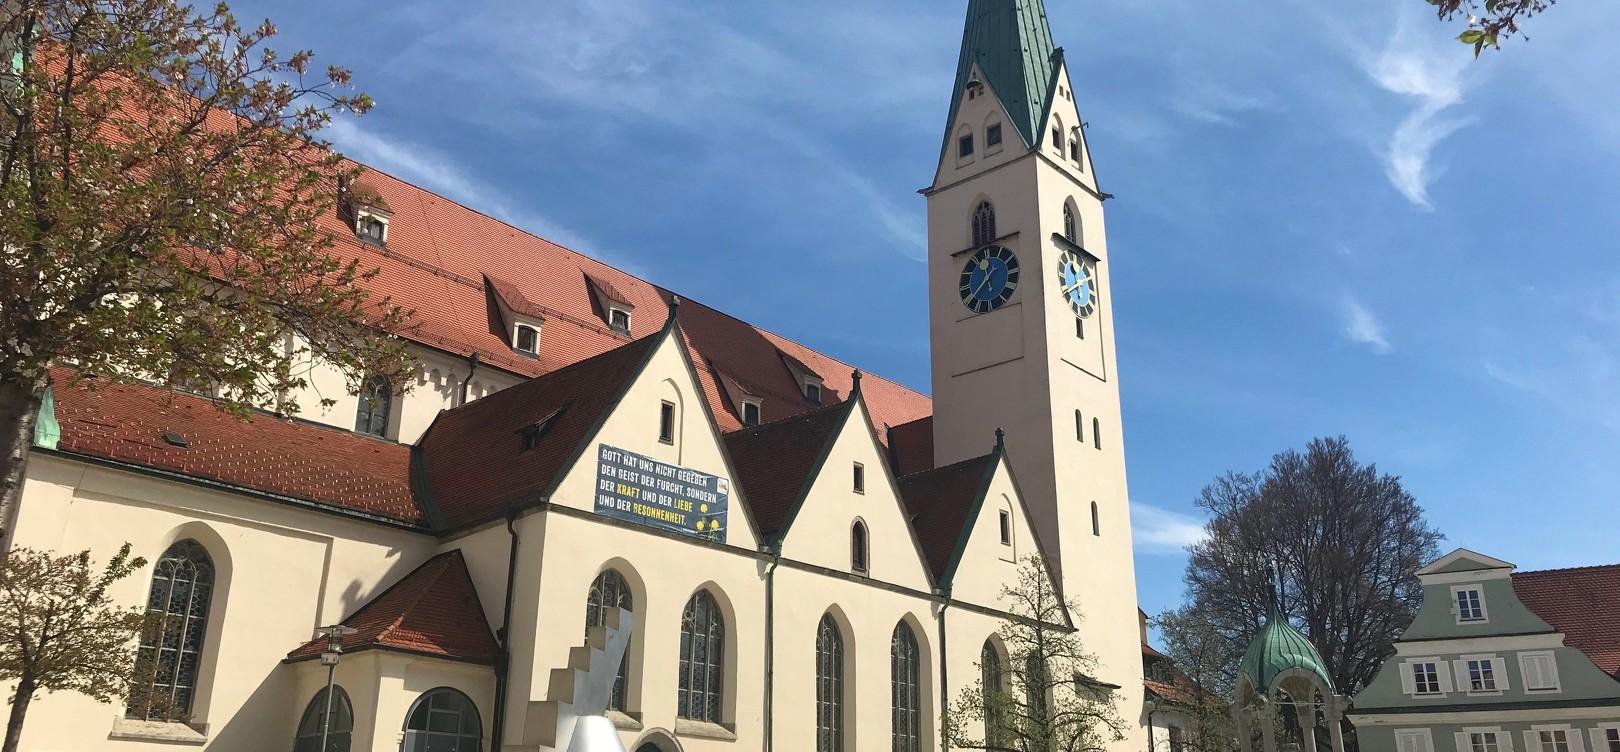 Die Außenansicht der St.-Mang-Kirche